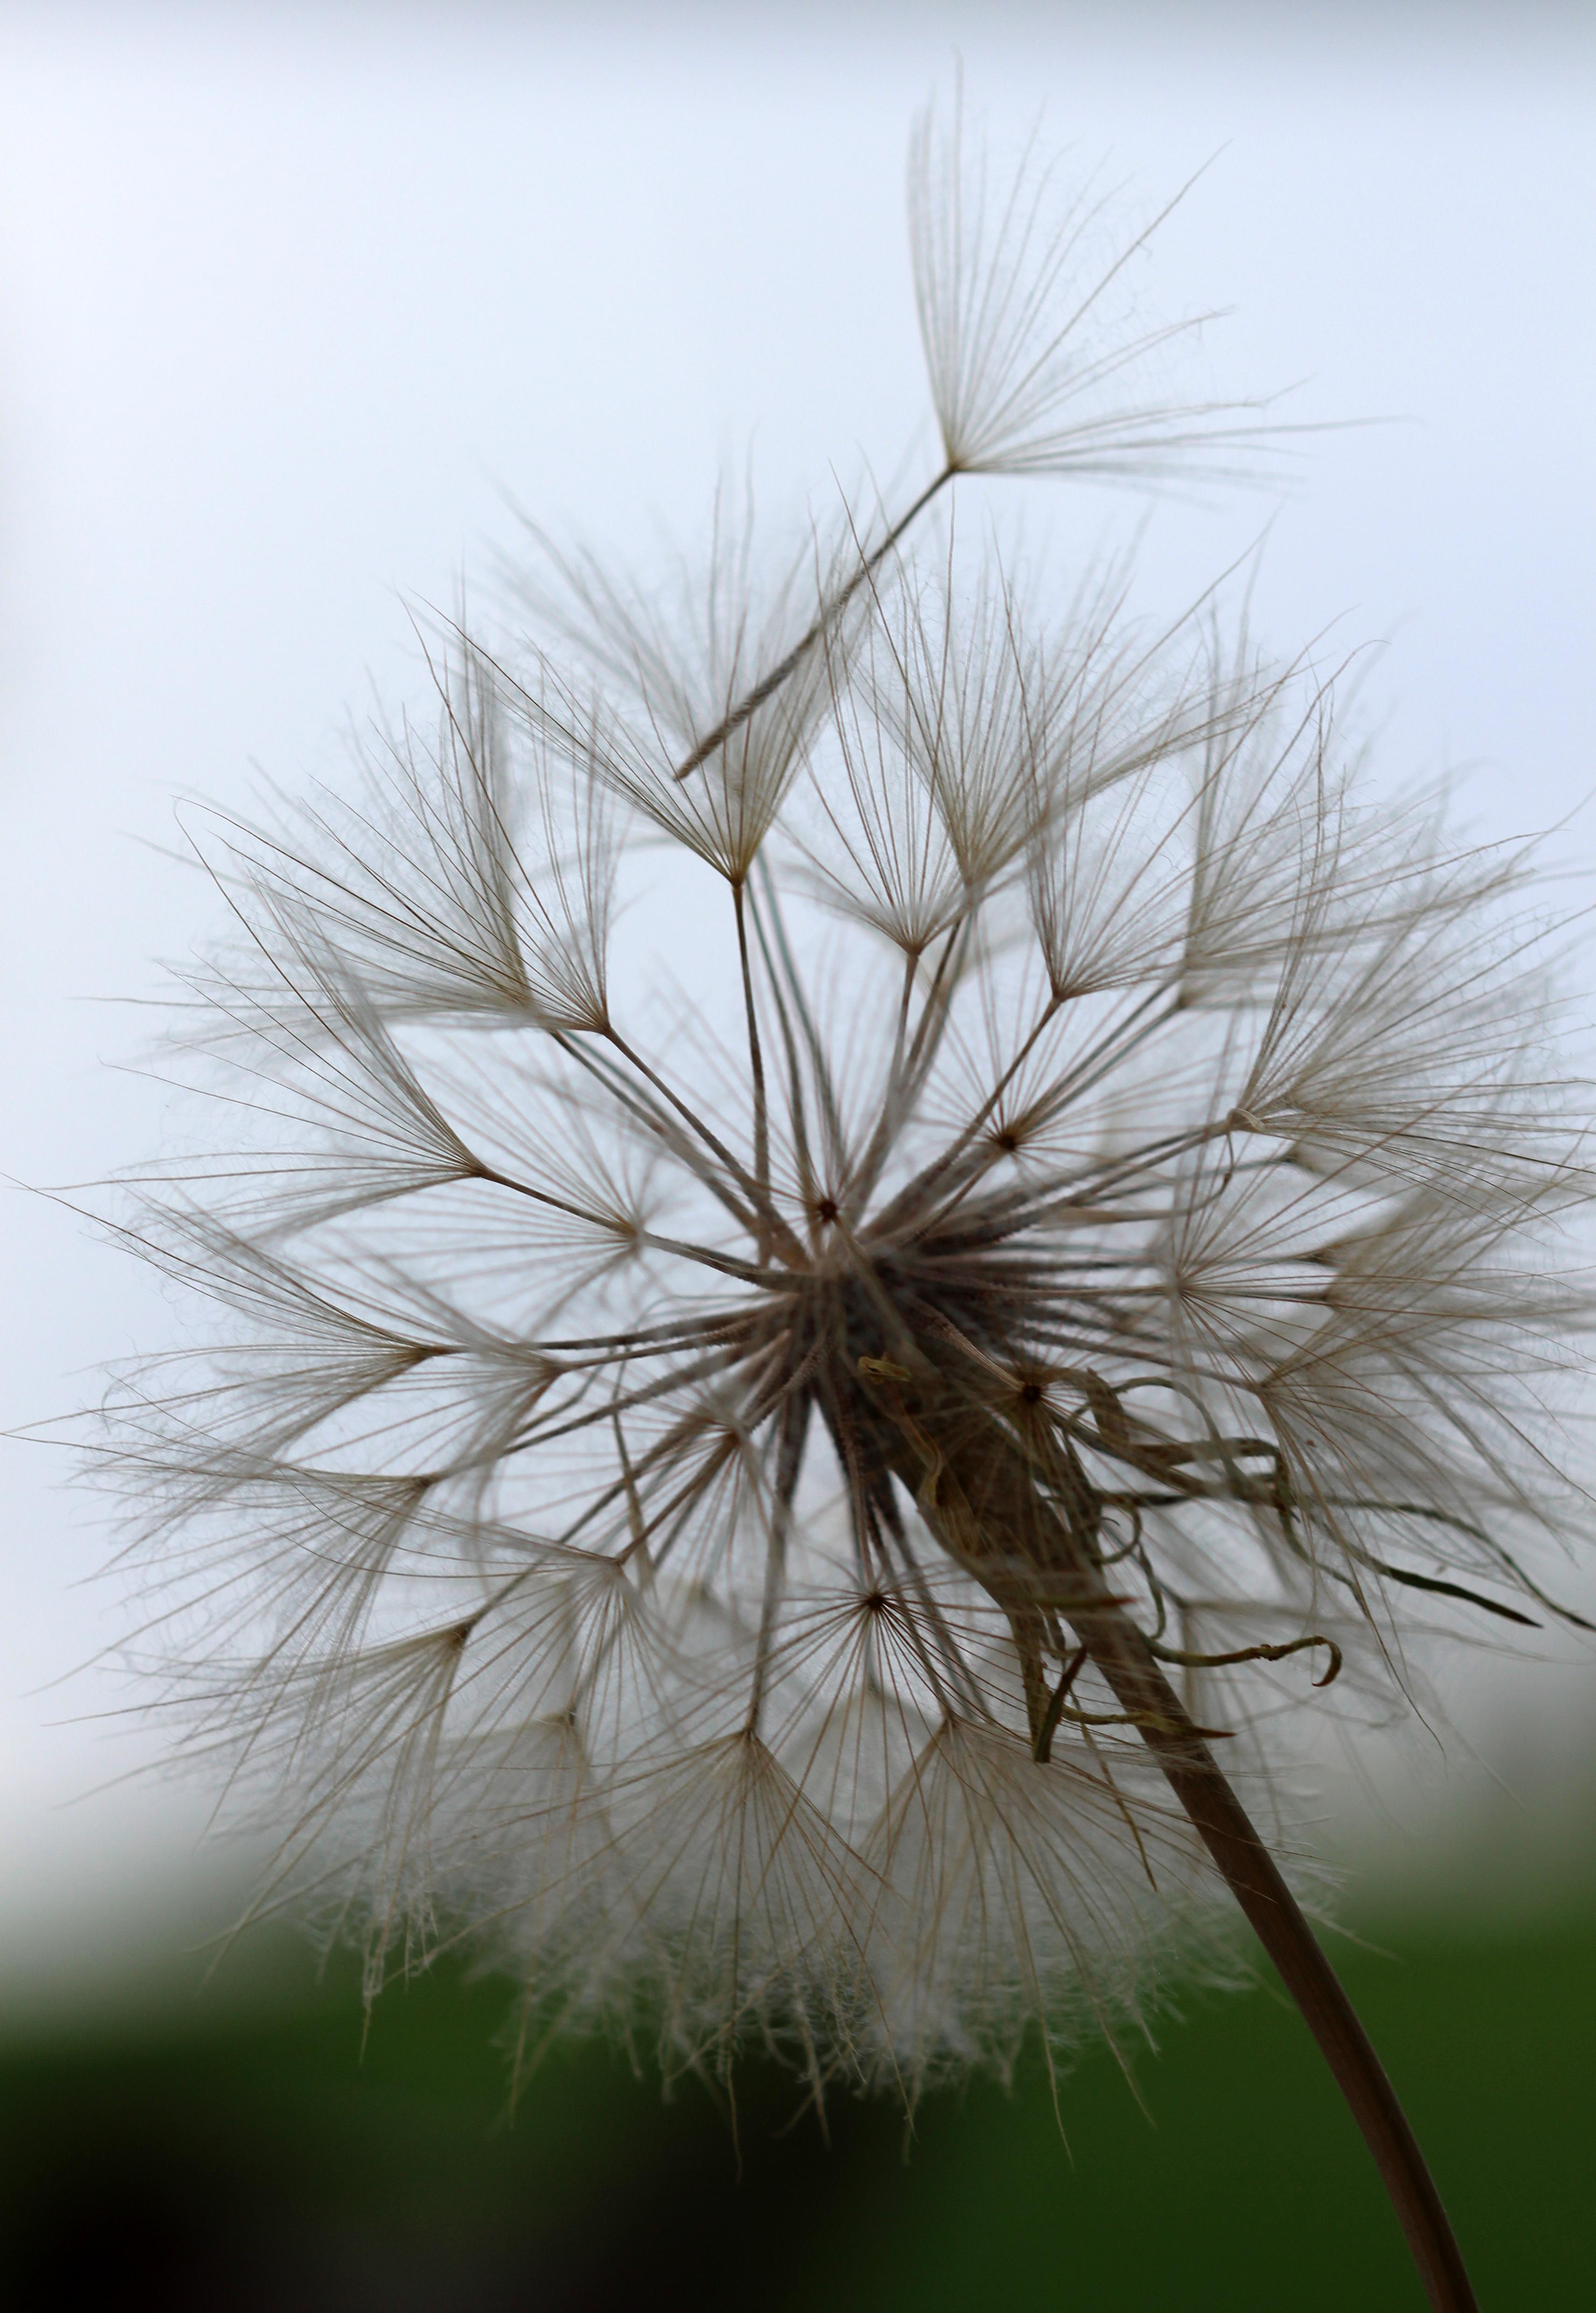 Free Images Tree Nature Branch Dandelion Leaf